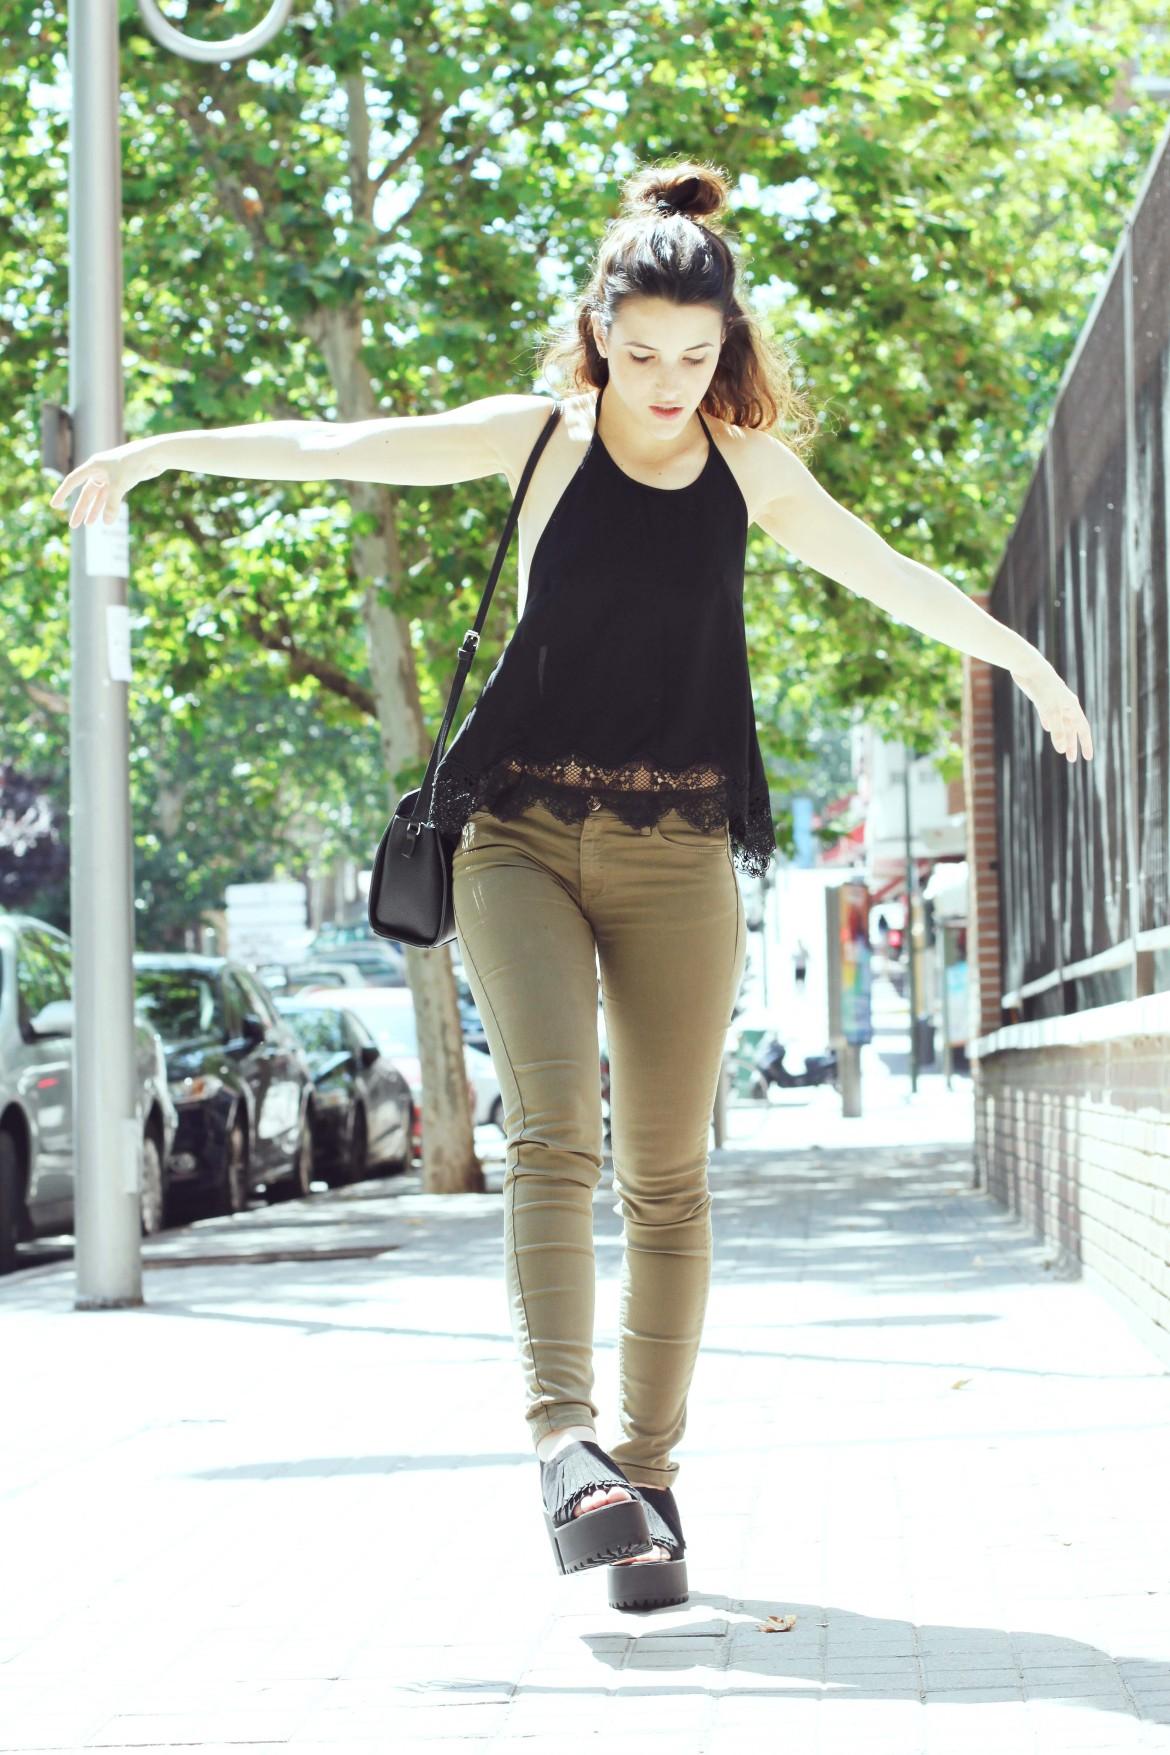 look sencillo low cost económico pantalón push up sandalias plataforma trendytwo trendy two carmen marta gemelas espalda aire camisa moño 9